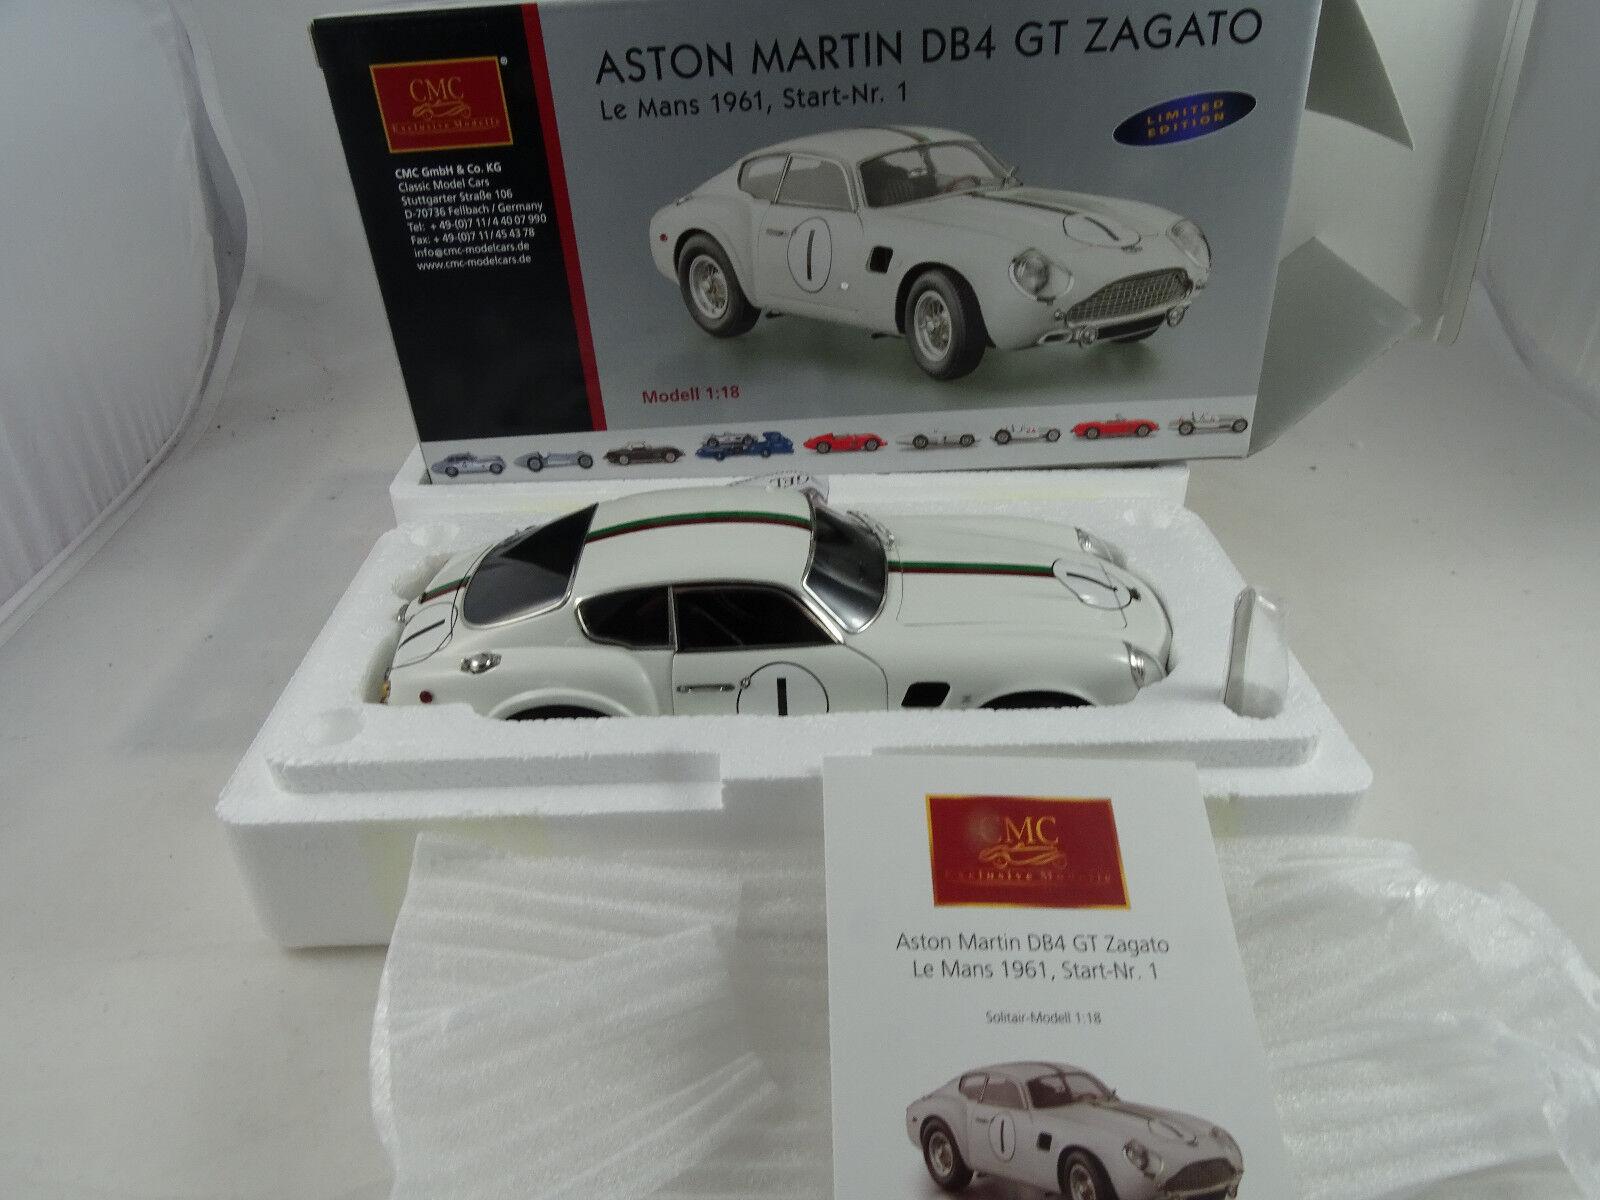 1:18 Cmc M-139 Aston Martin DB4 Gt Zagato Lemans 1961 1 Limitado Ed. Rareza